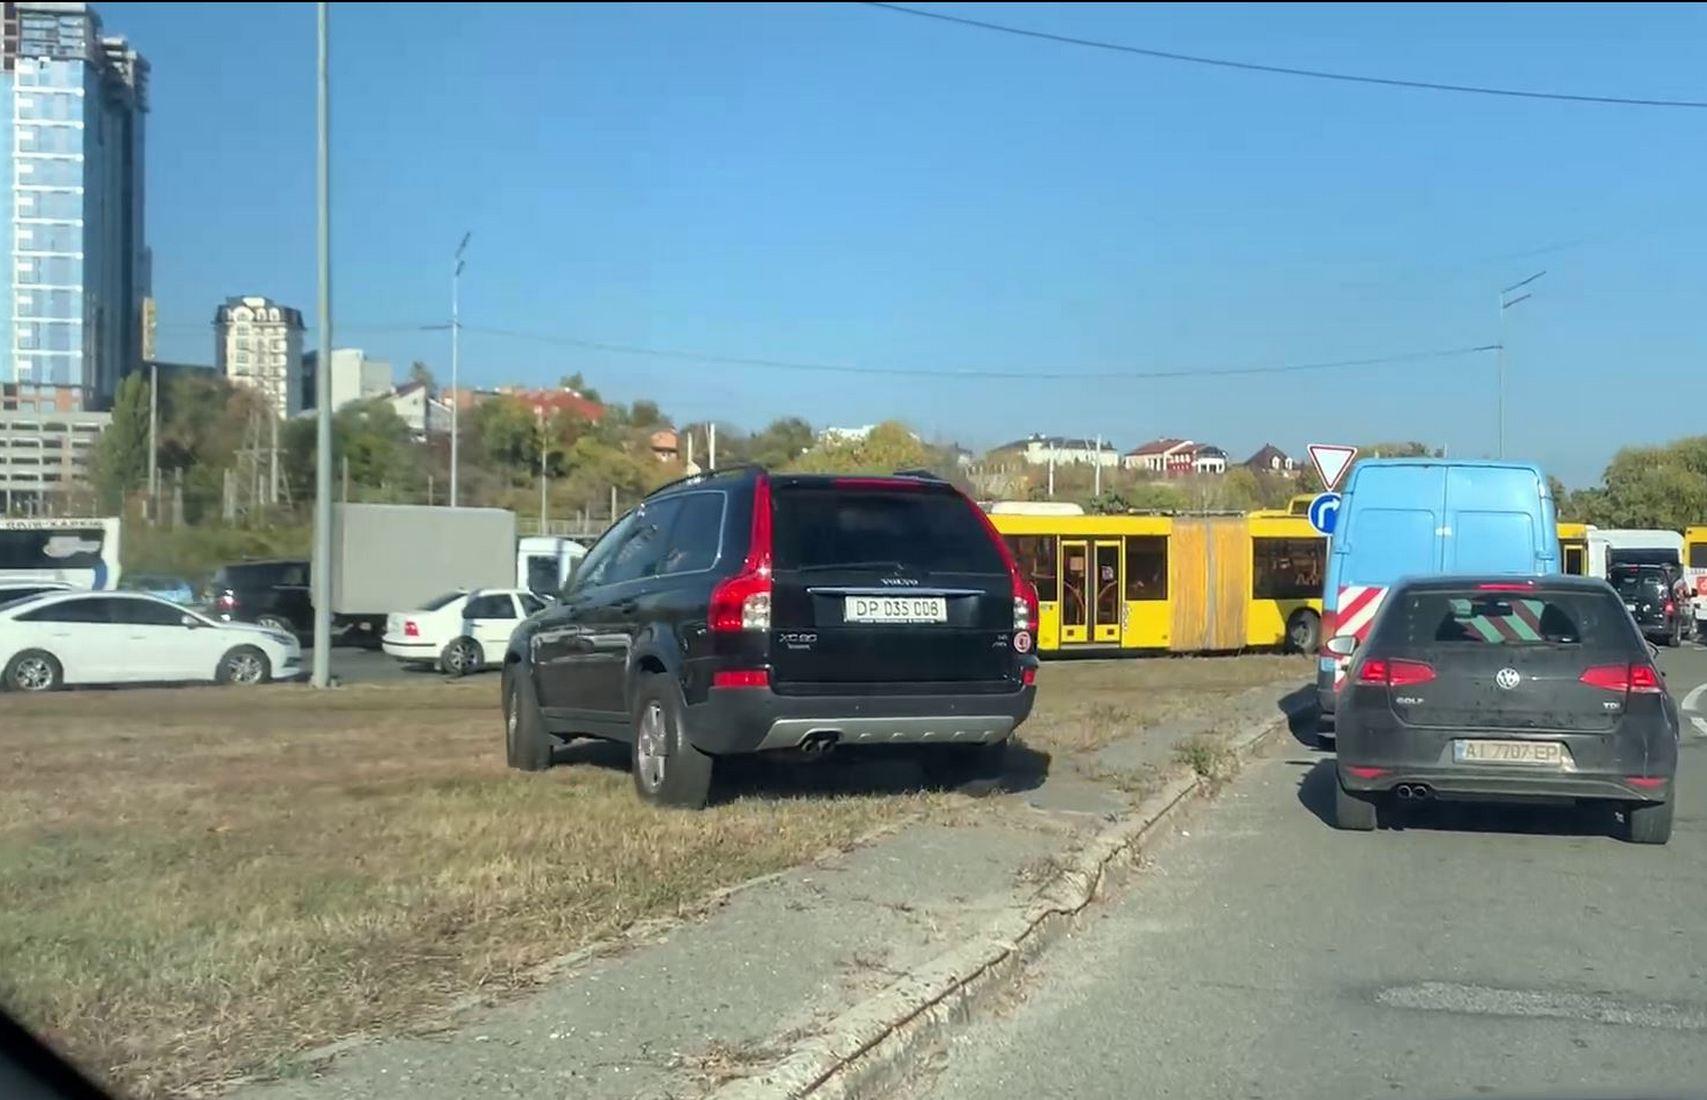 «Ой, мама, шика дам»: машина с номерами посольства Турции нашла способ объехать столичные пробки (видео)